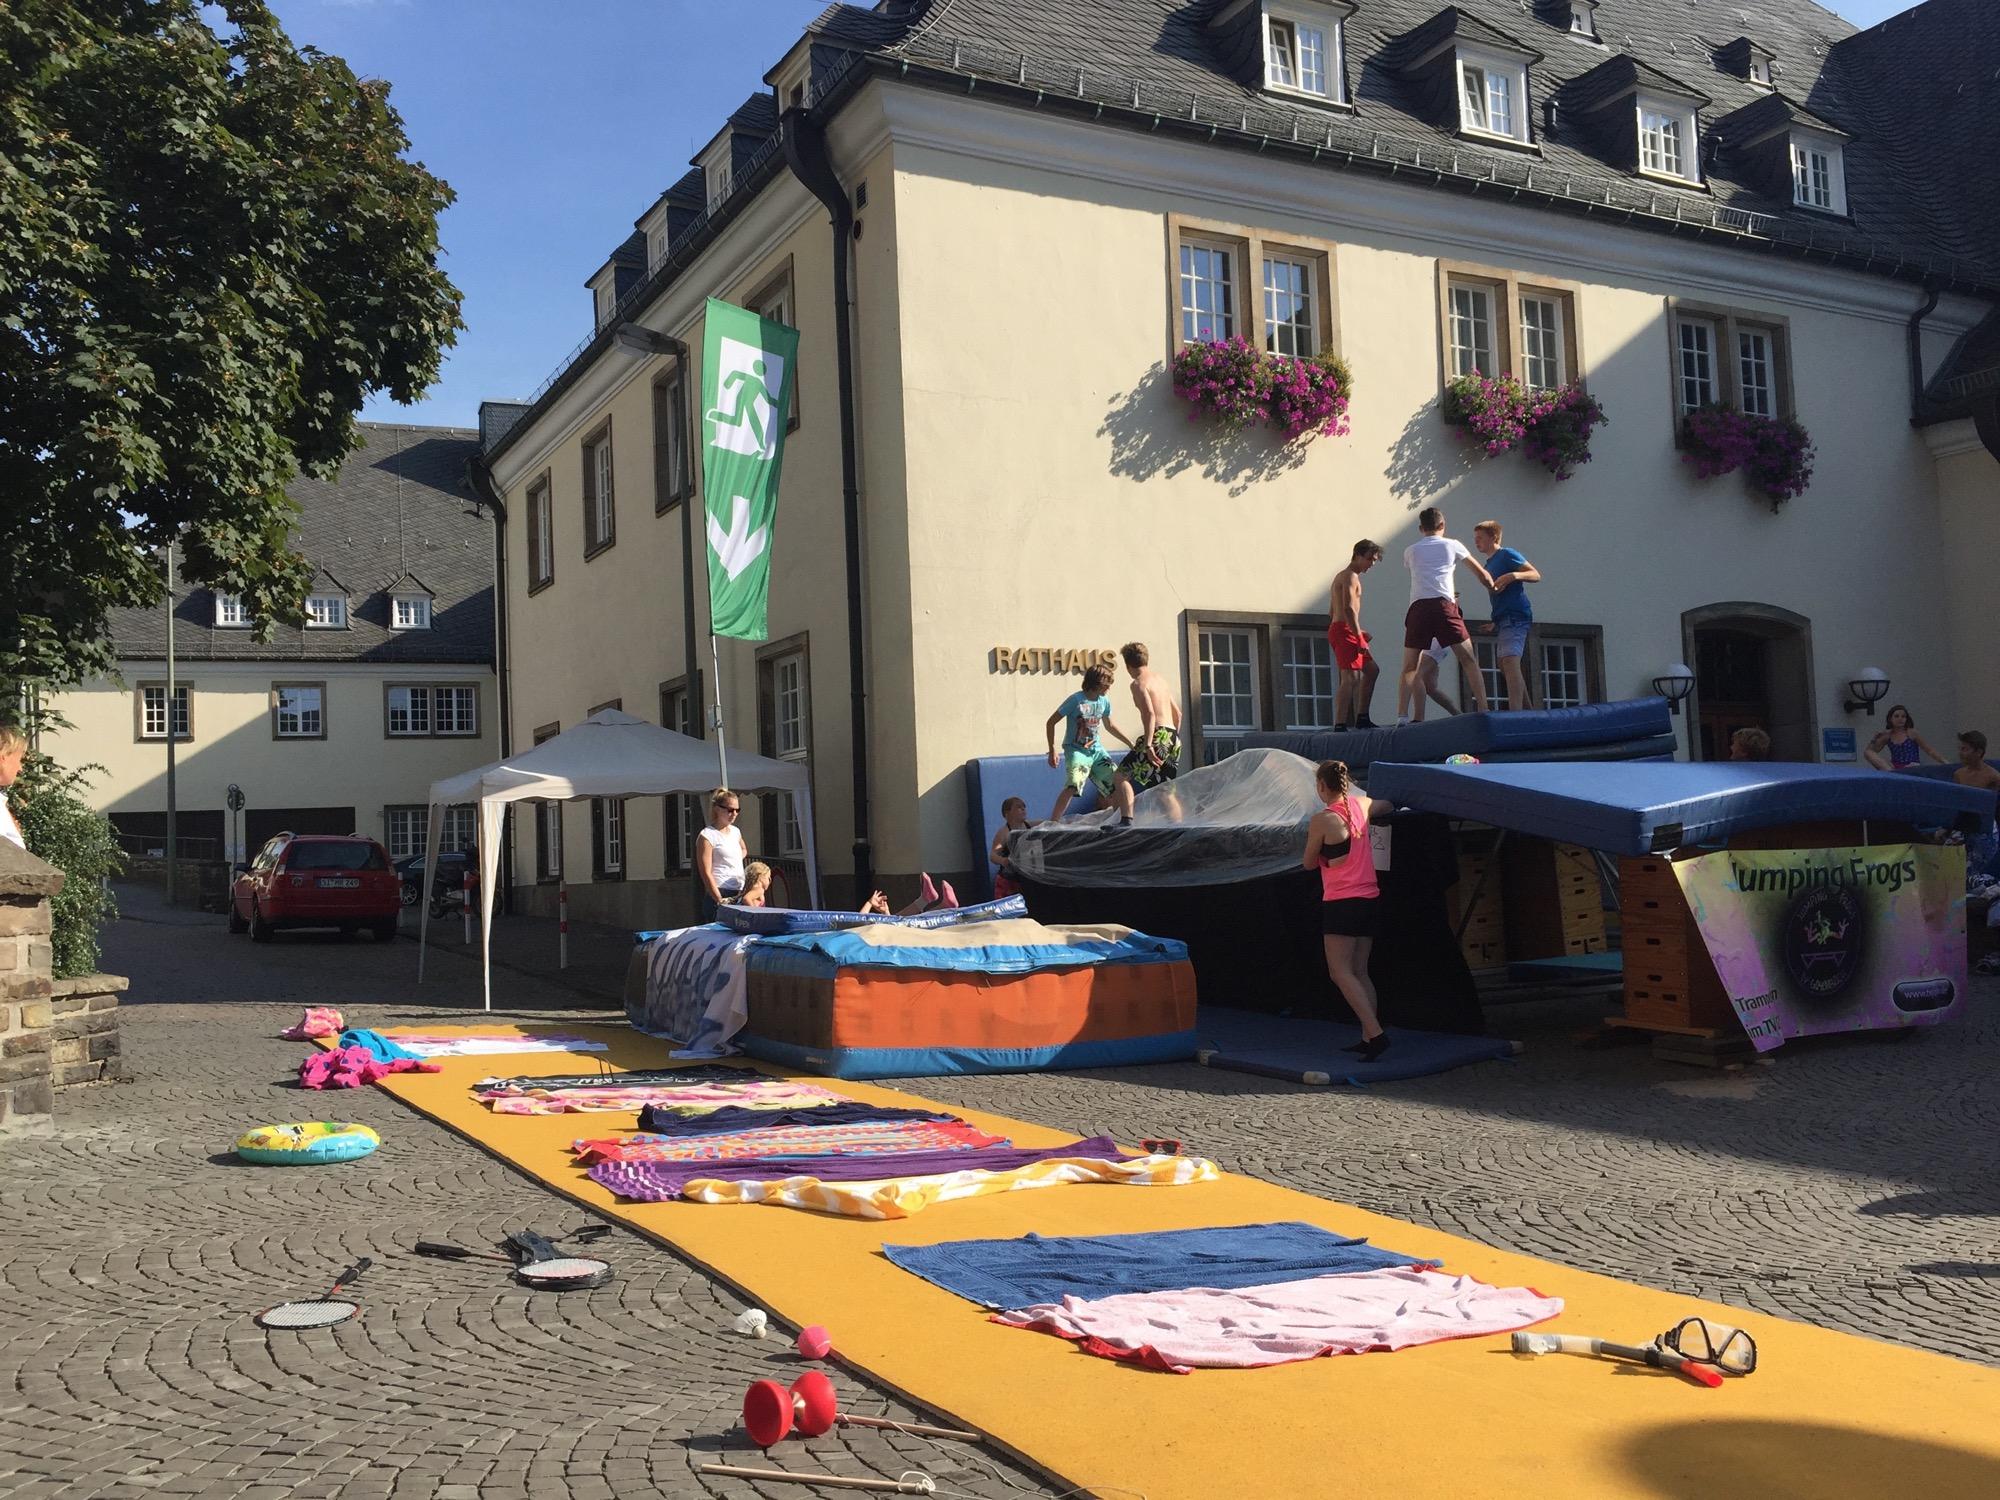 Remarkable Ein Tag Im Strandbad Siegen Zu Neuen Ufern 03 09 2016 Download Free Architecture Designs Scobabritishbridgeorg